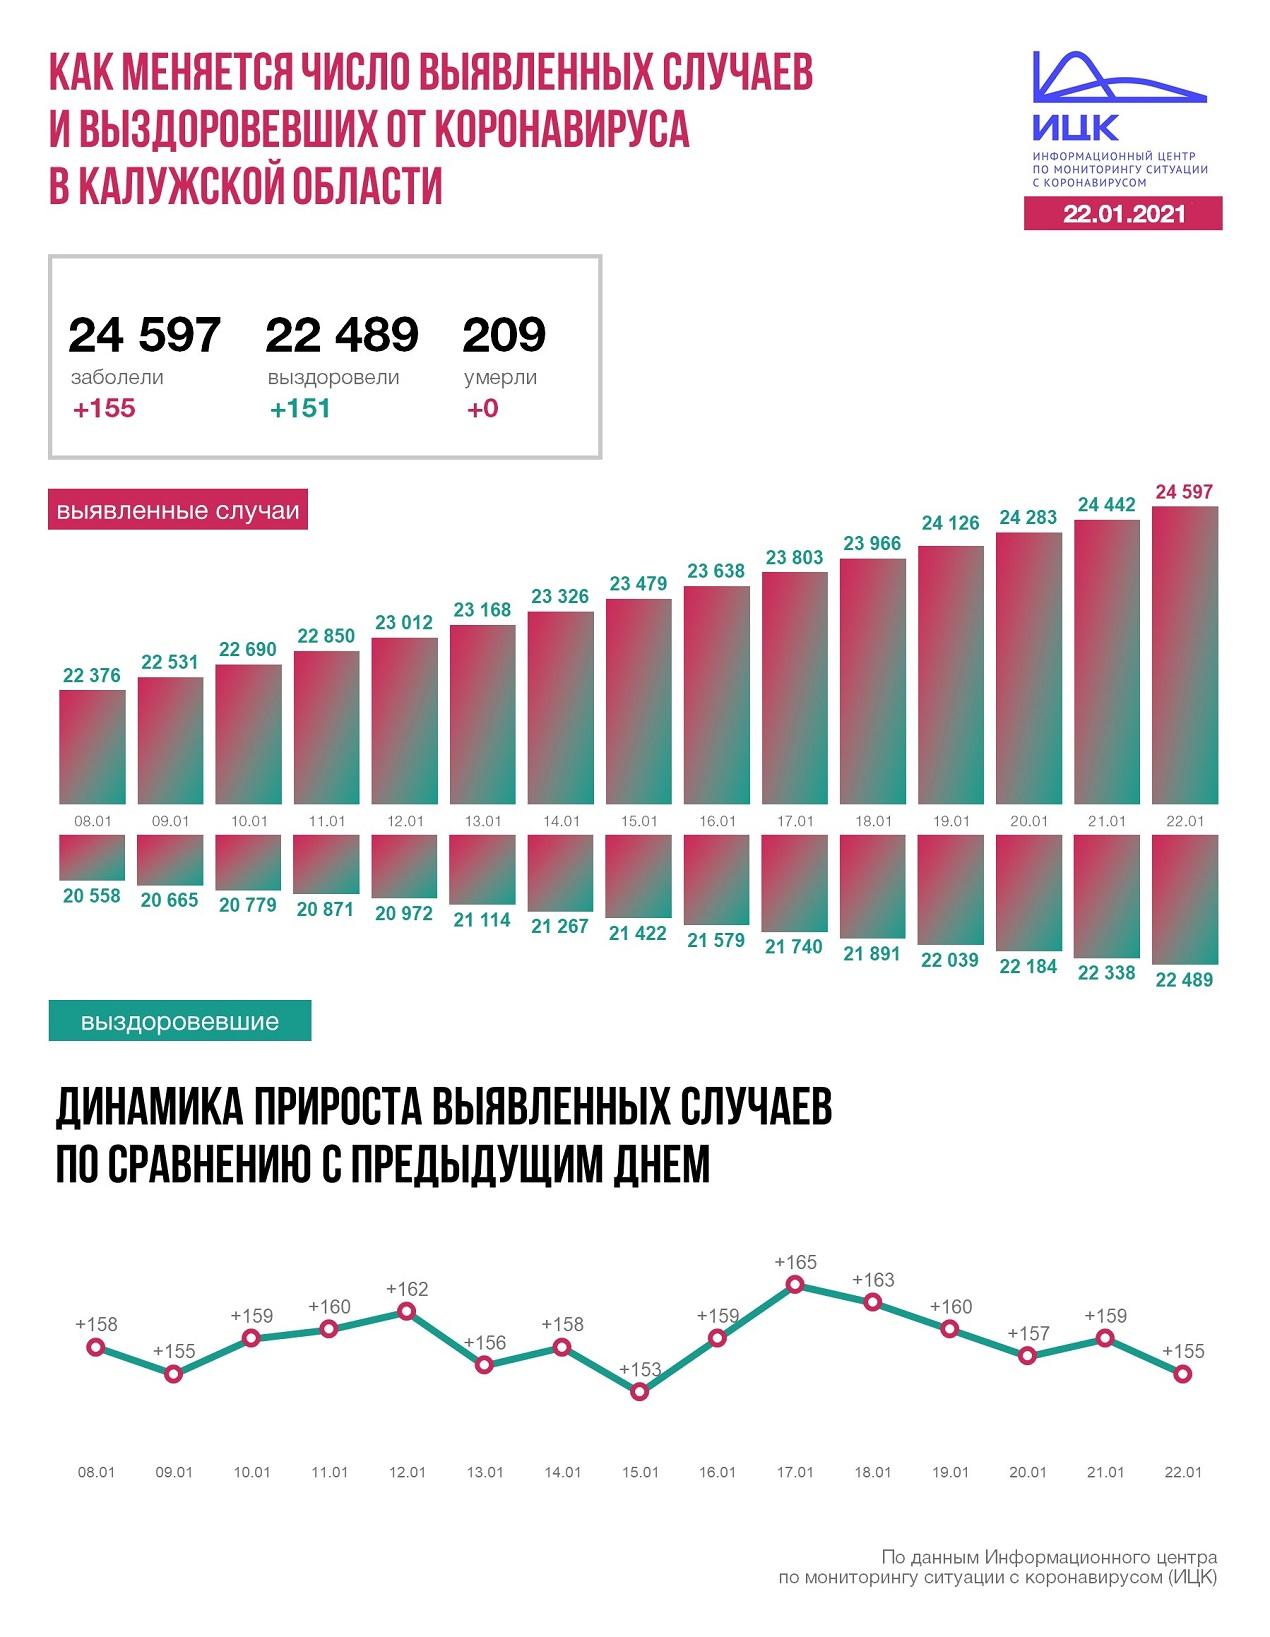 Официальные данные по коронавирусу в Калужской области на 22 января 2021 года.